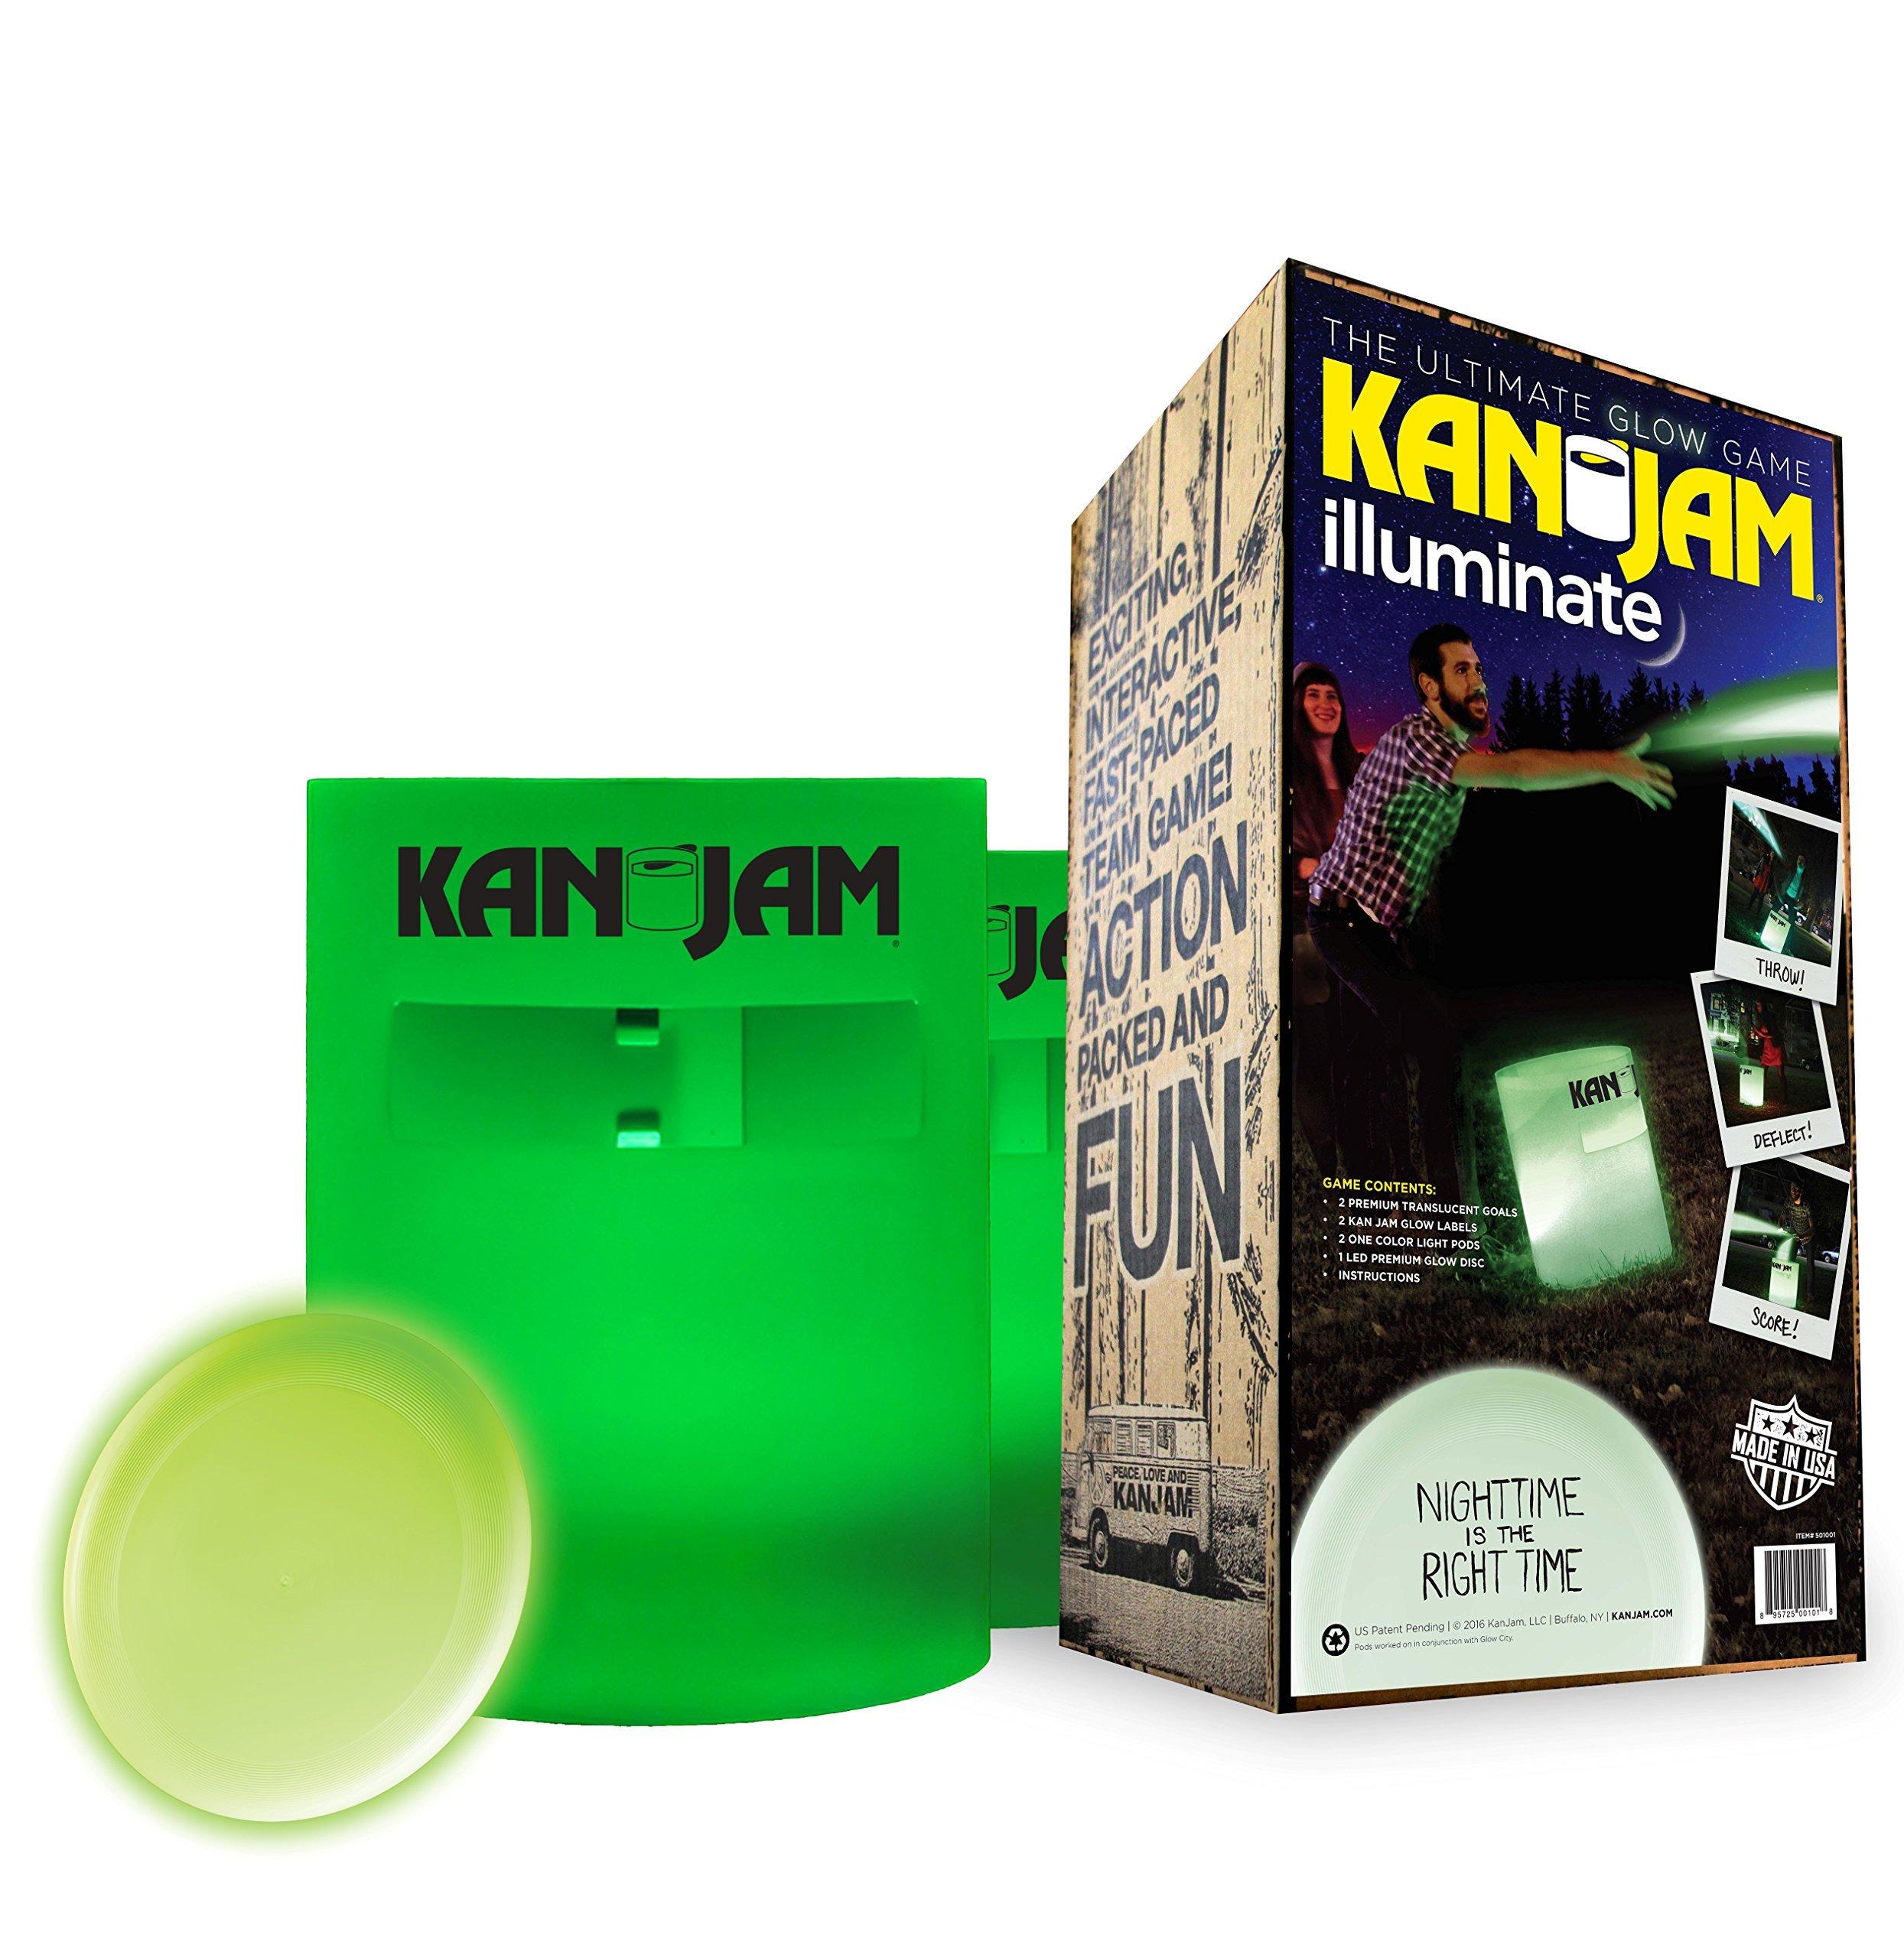 Kan-Jam Illuminate Glow Game Set